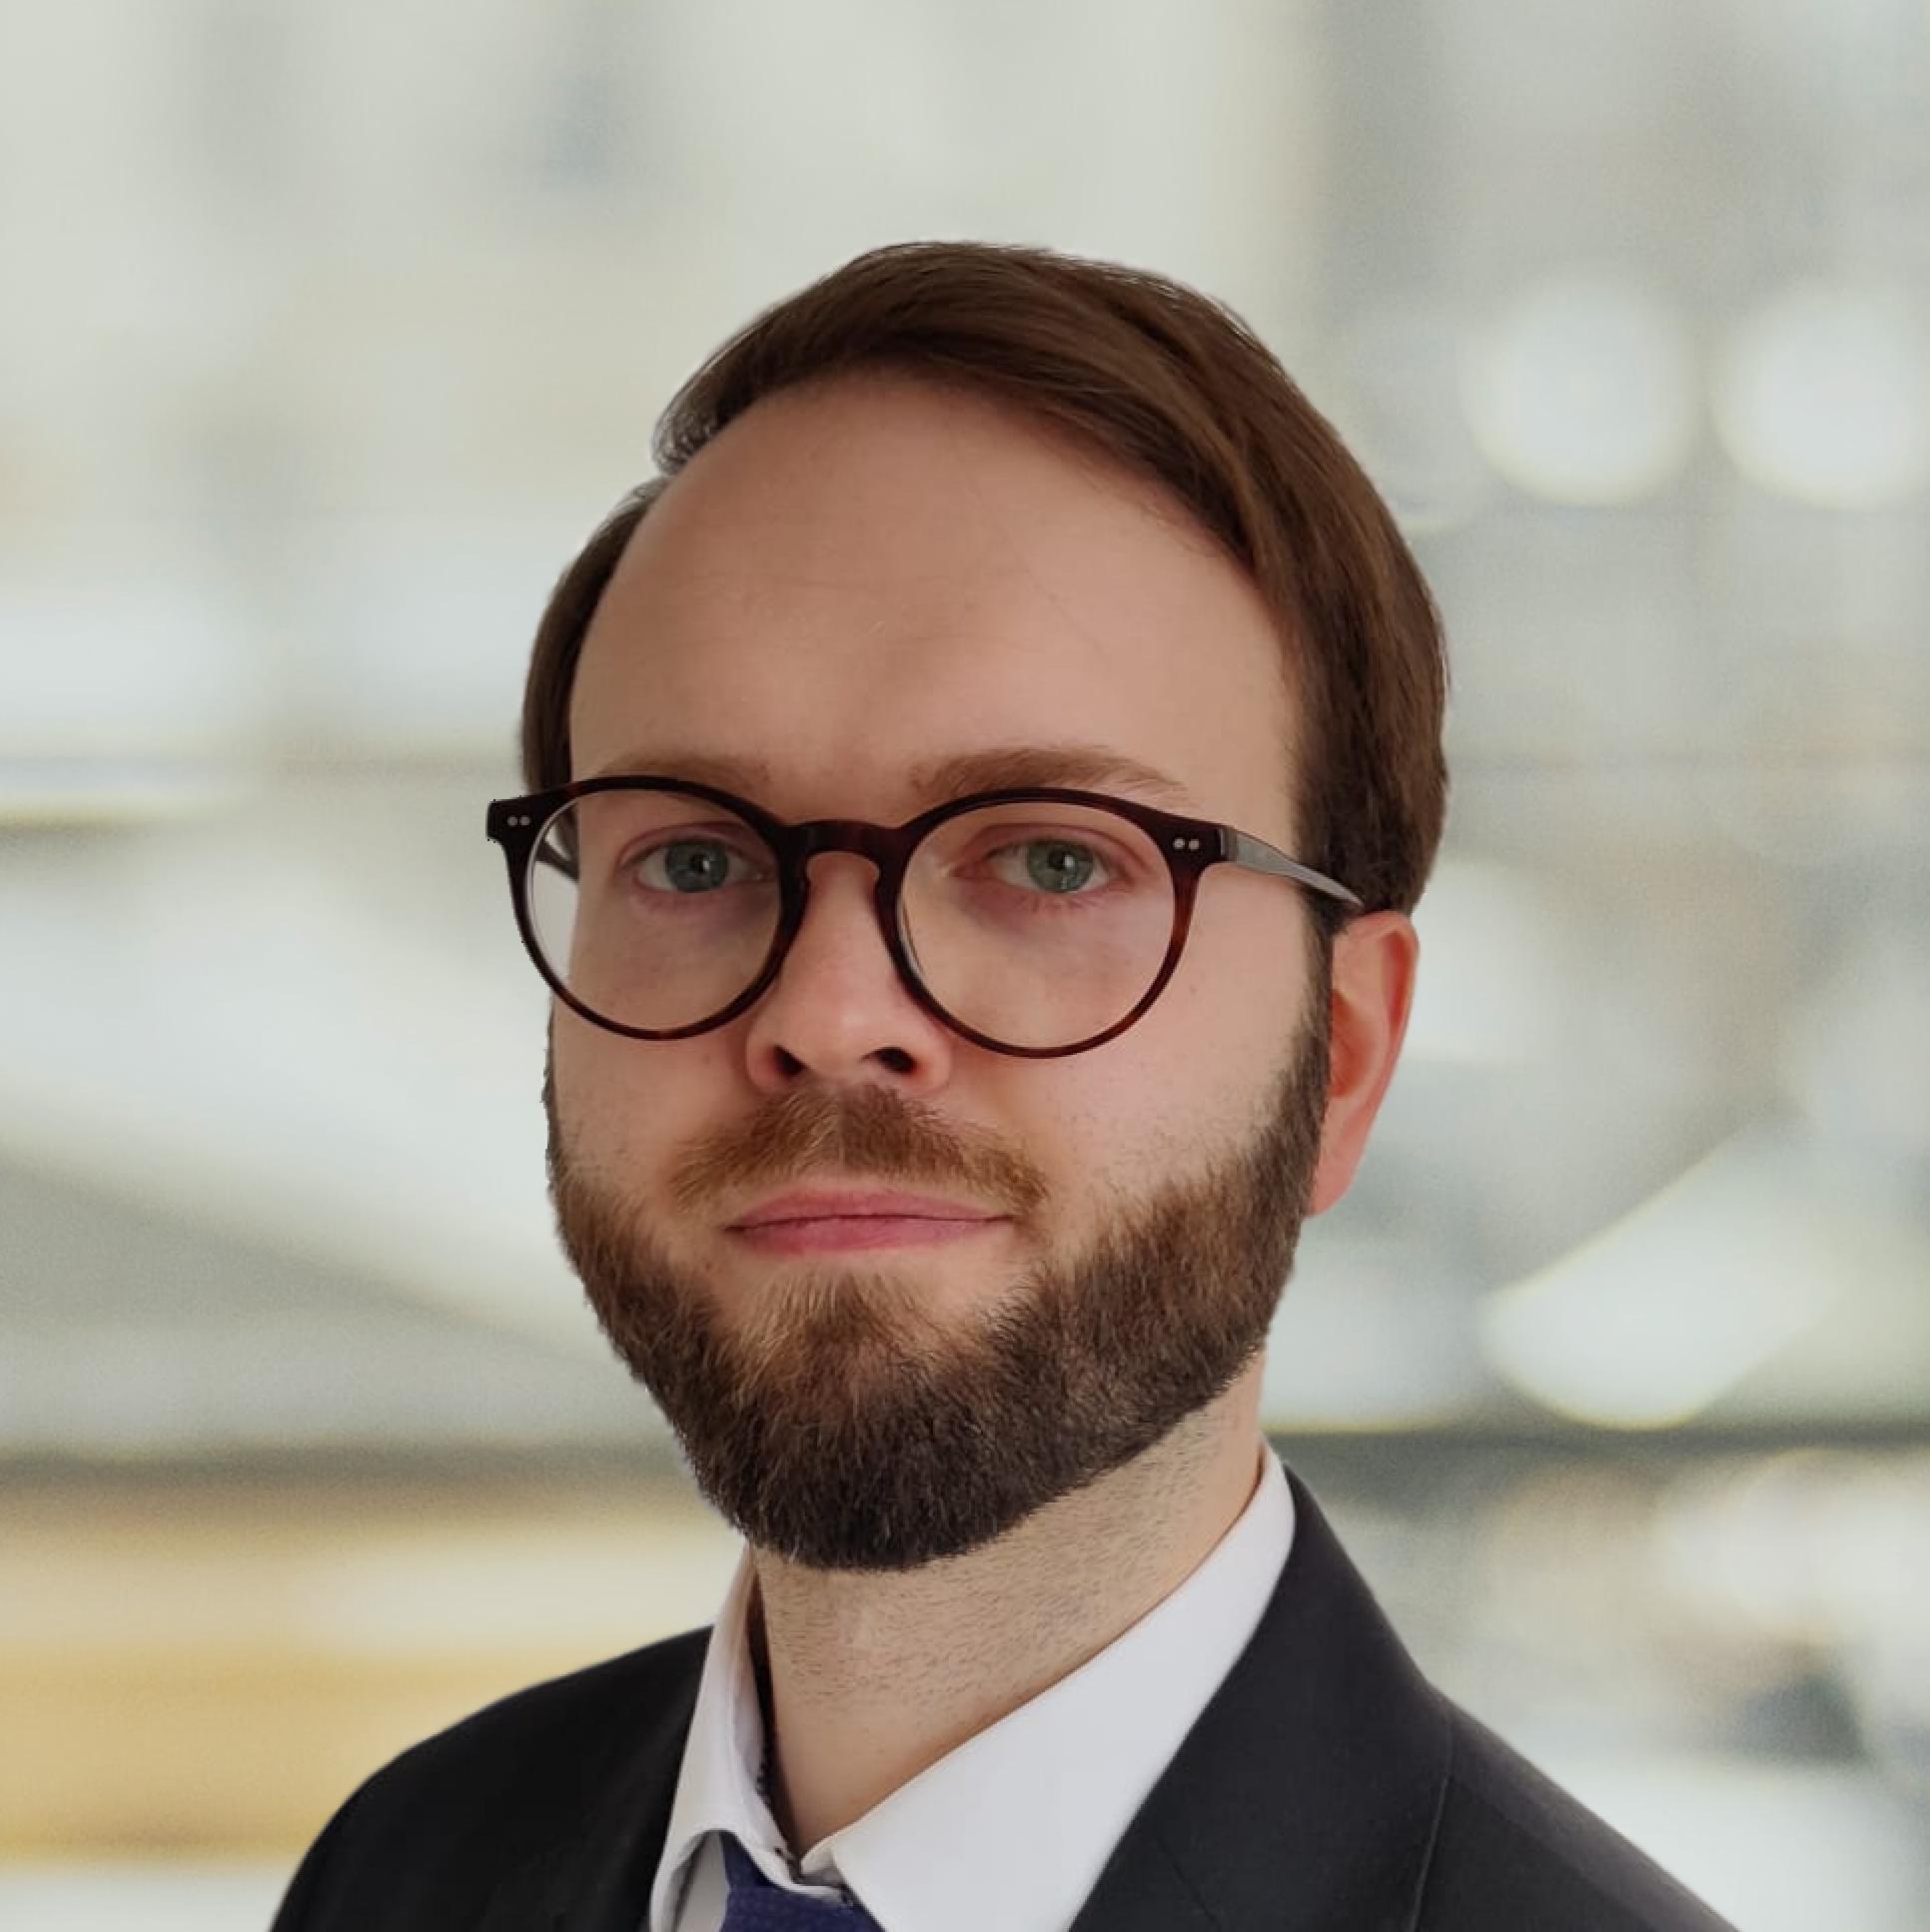 Peter Derheim, PwC Big Data and Advanced Analysis Advisory